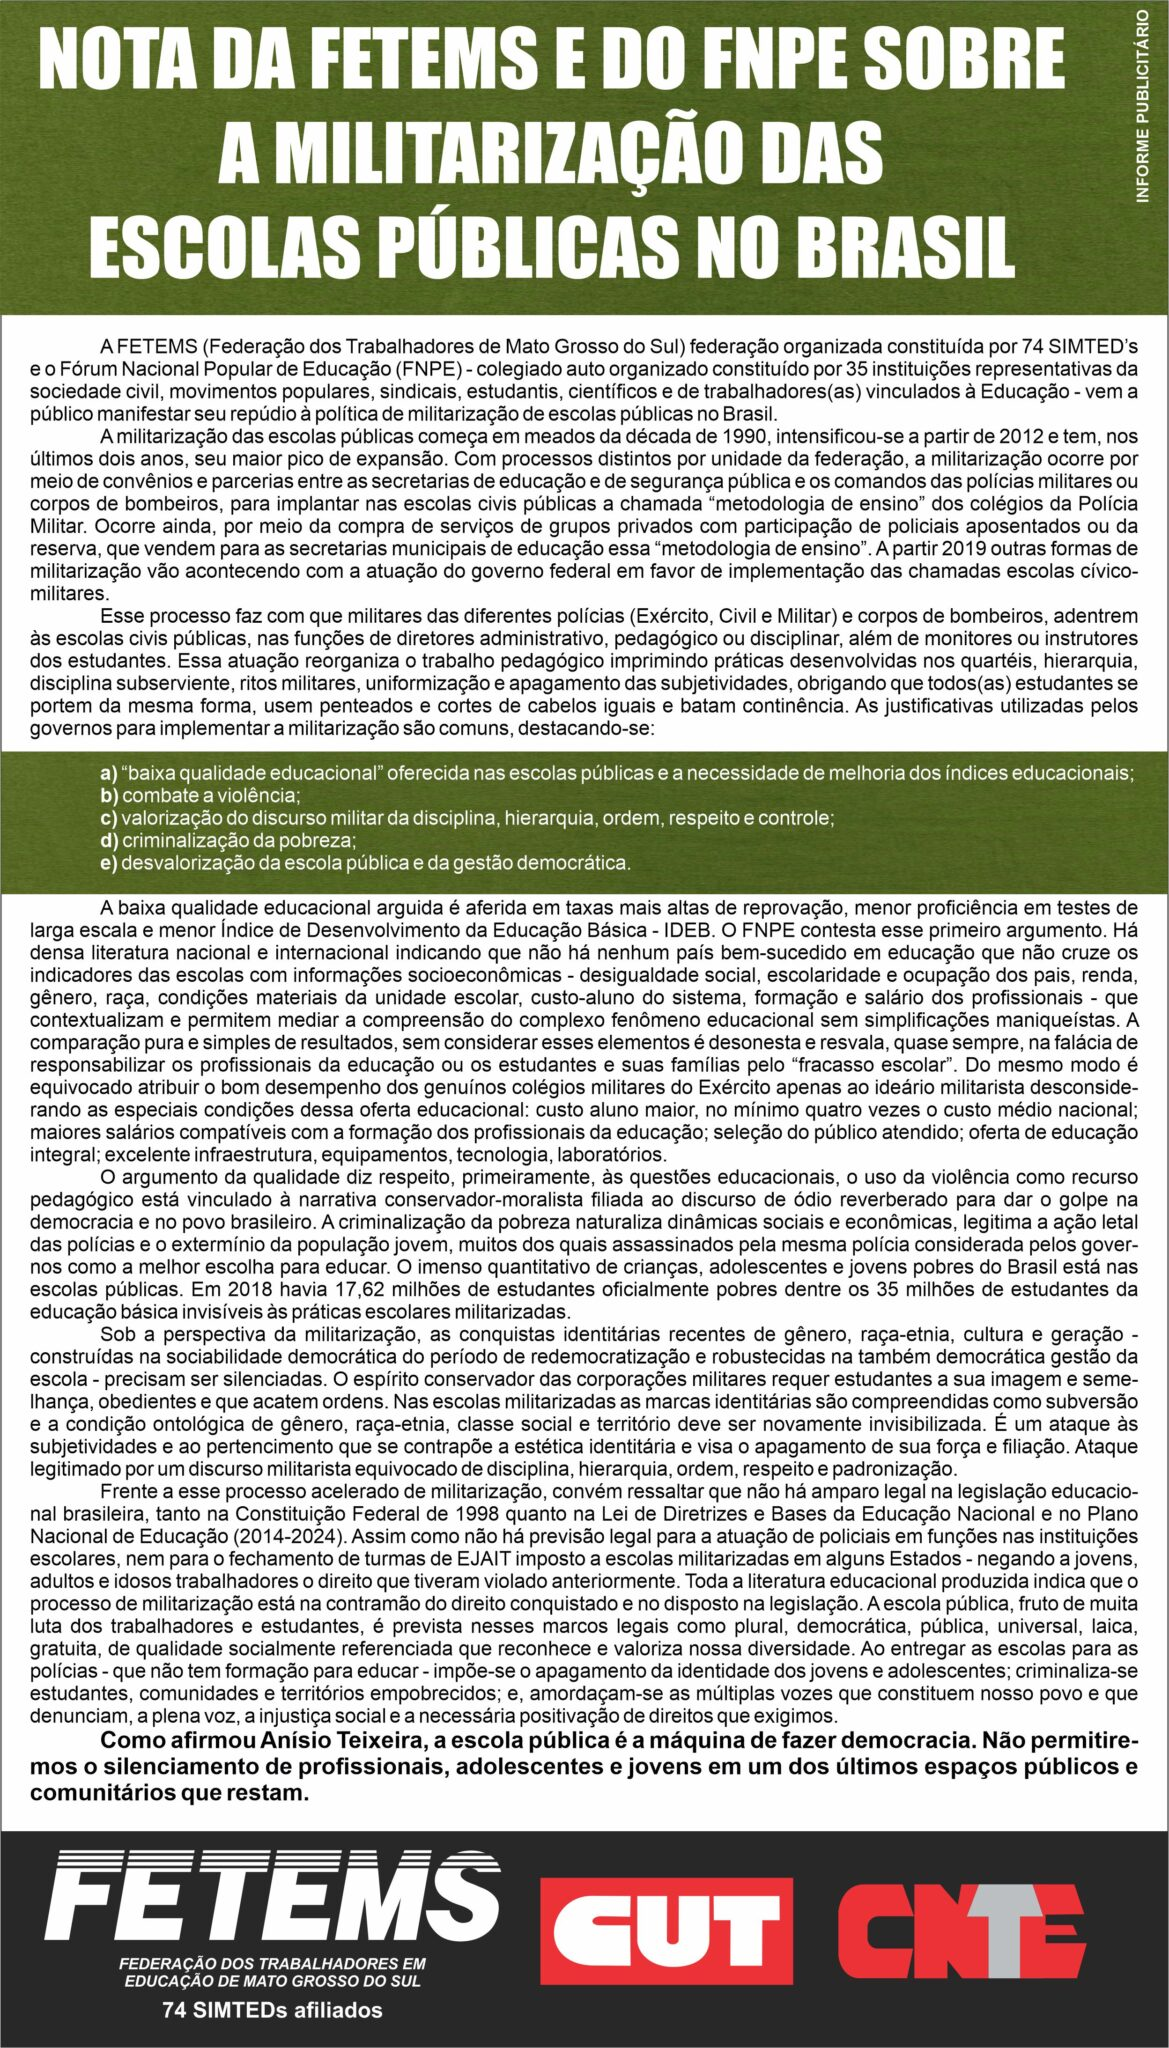 NOTA DA FETEMS E DO FNPE SOBRE A MILITARIZAÇÃO DAS ESCOLAS PÚBLICAS NO BRASIL 9